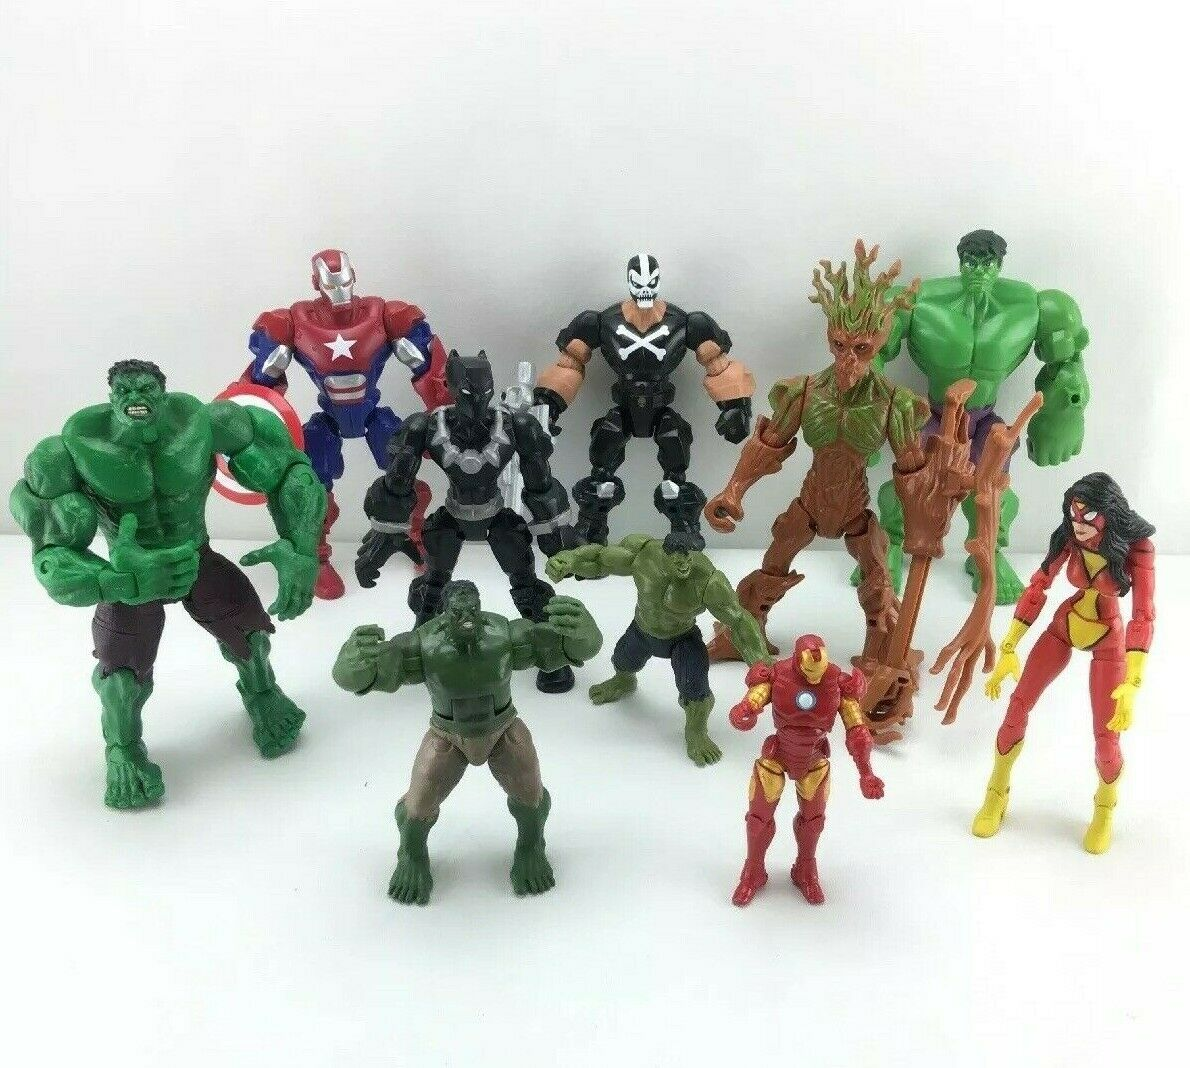 DC Figura De Acción Marvel Hulk Iron Man Los Vengadores Lote-Rápido Envío Gratuito-T02